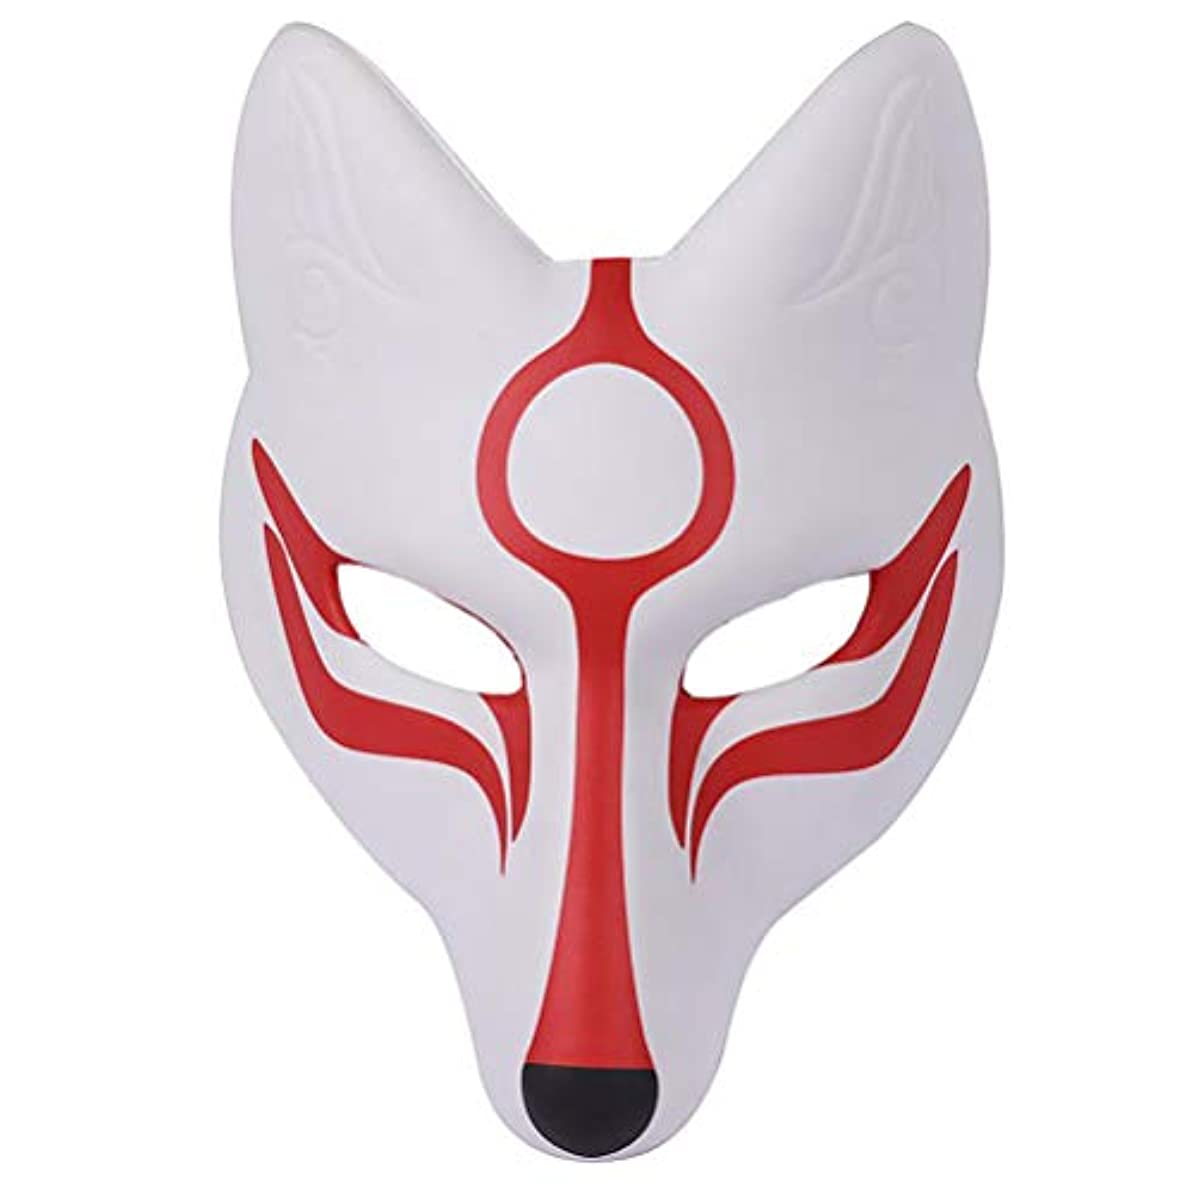 彼ら実行可能大声でAMOSFUN フォックスマスク日本歌舞伎きつねマスク用男性女性子供ハロウィーン仮装衣装プロップ